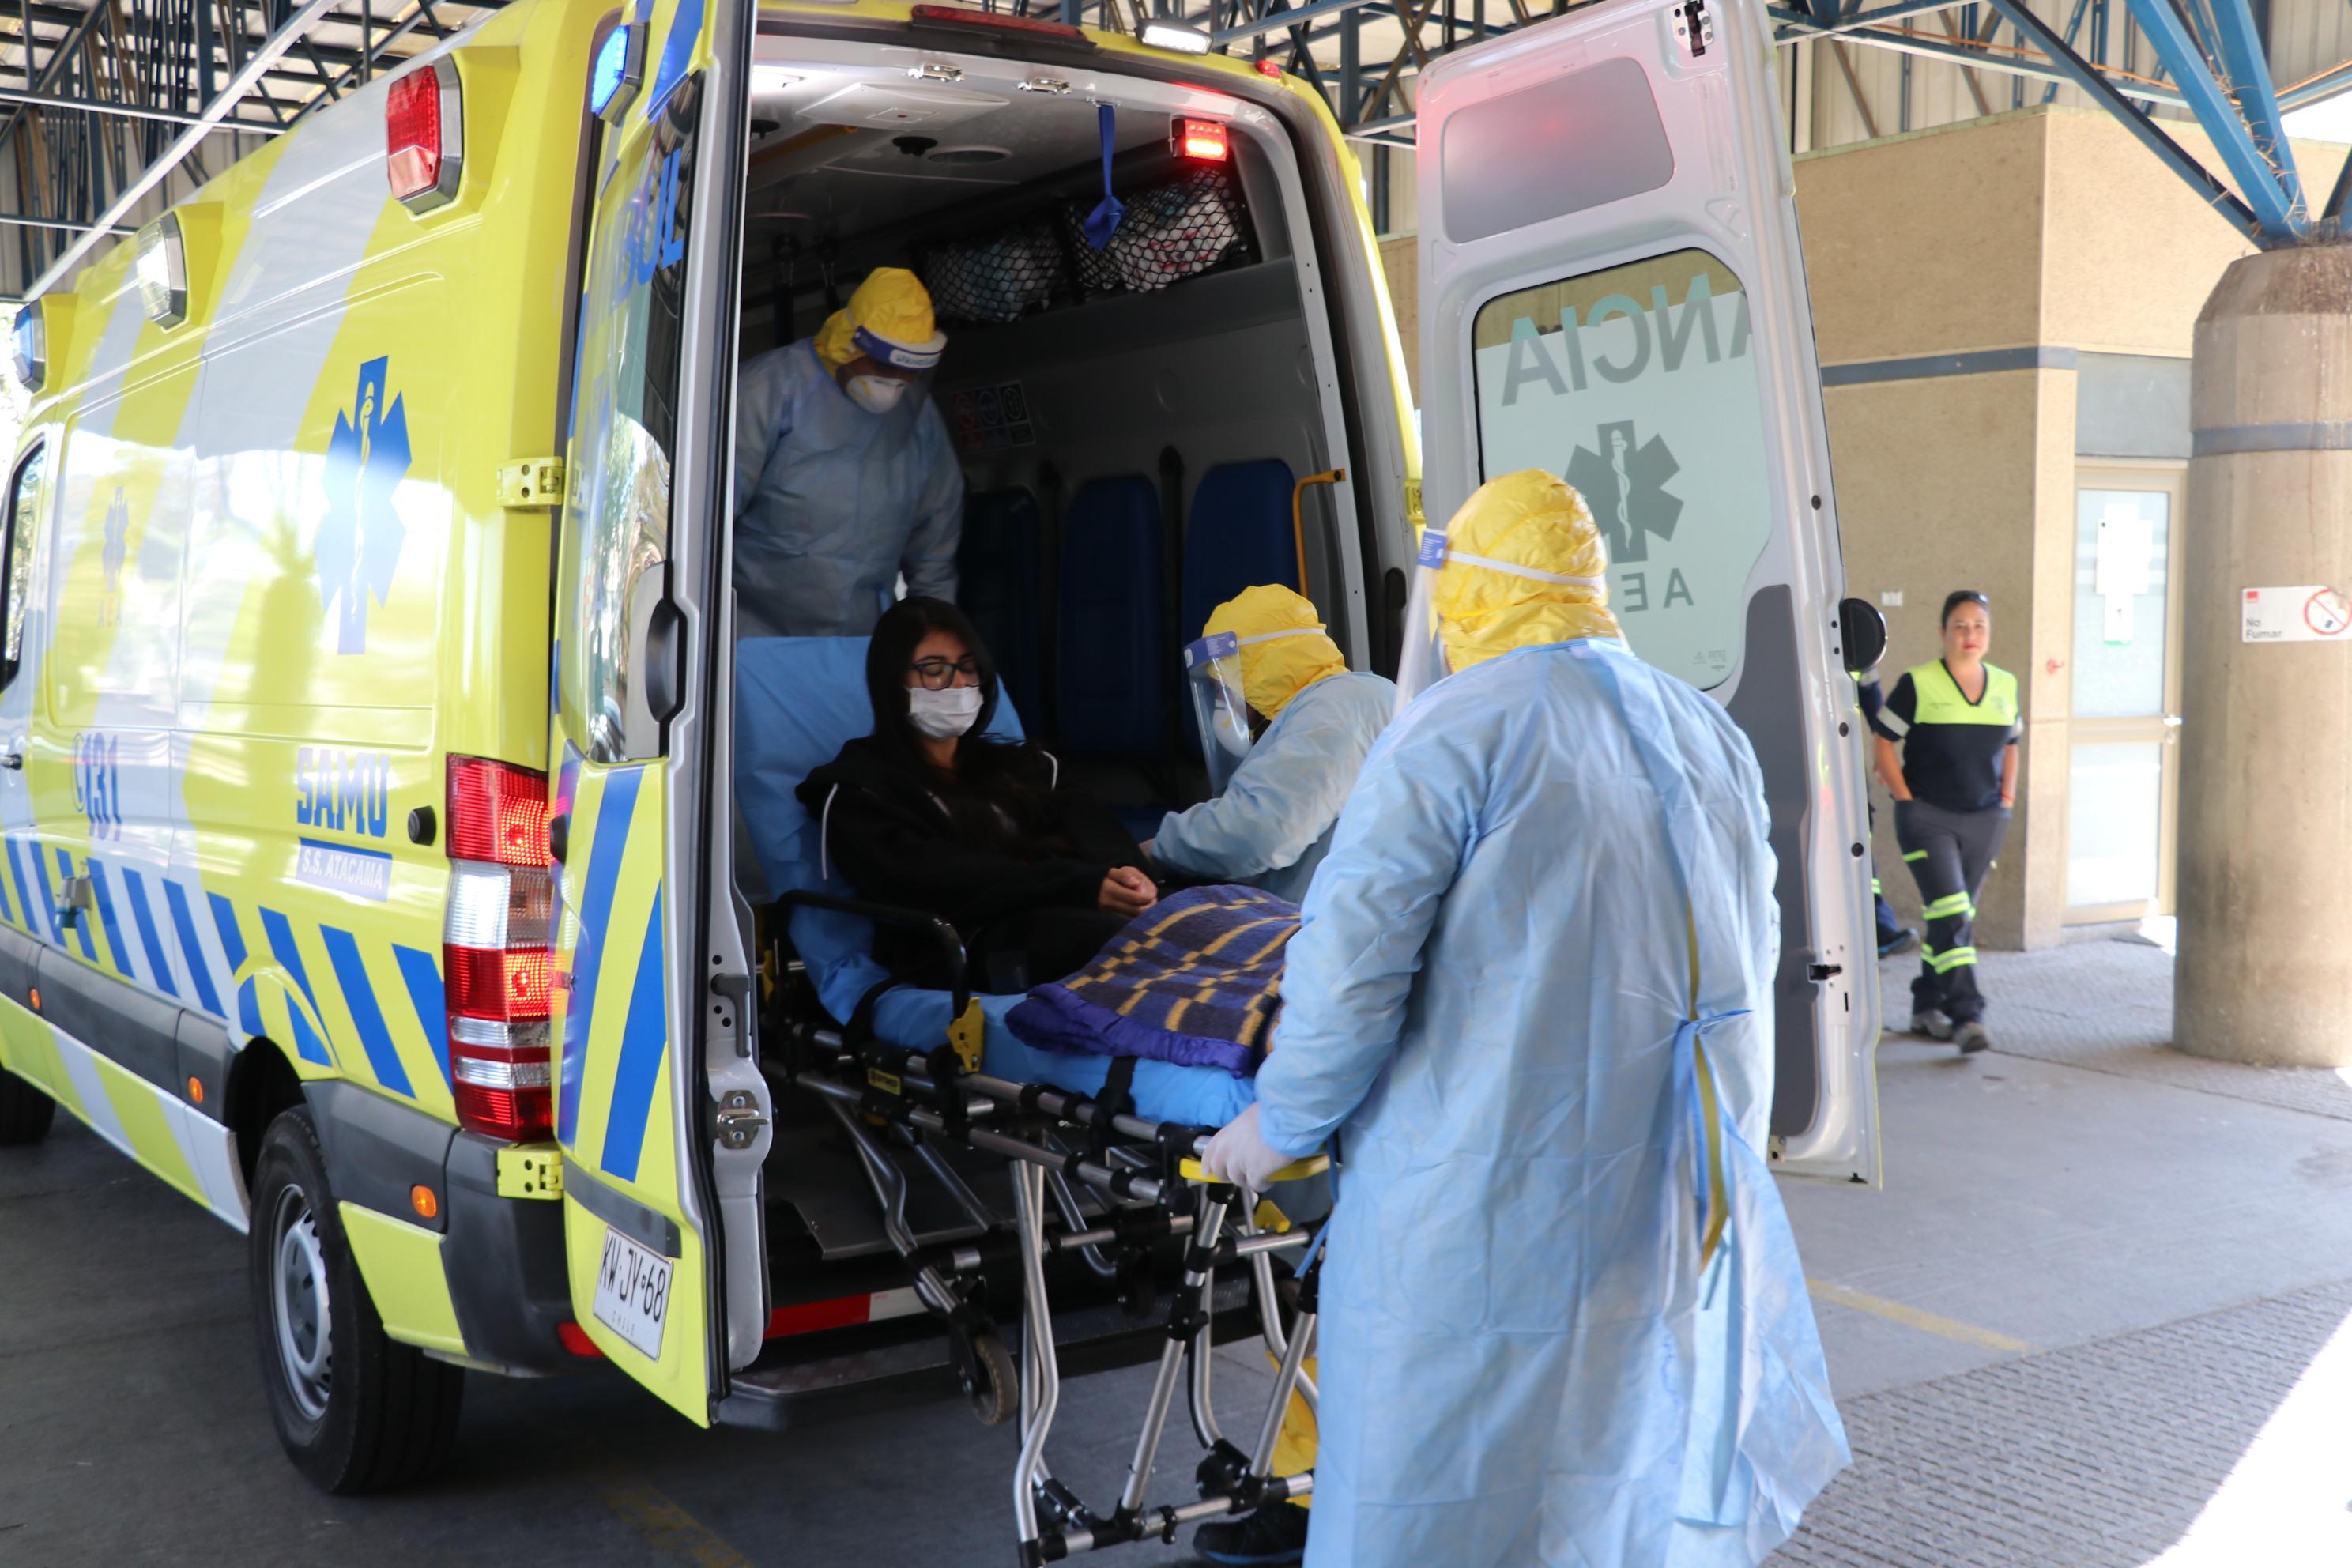 Se declara alerta roja por pandemia de coronavirus